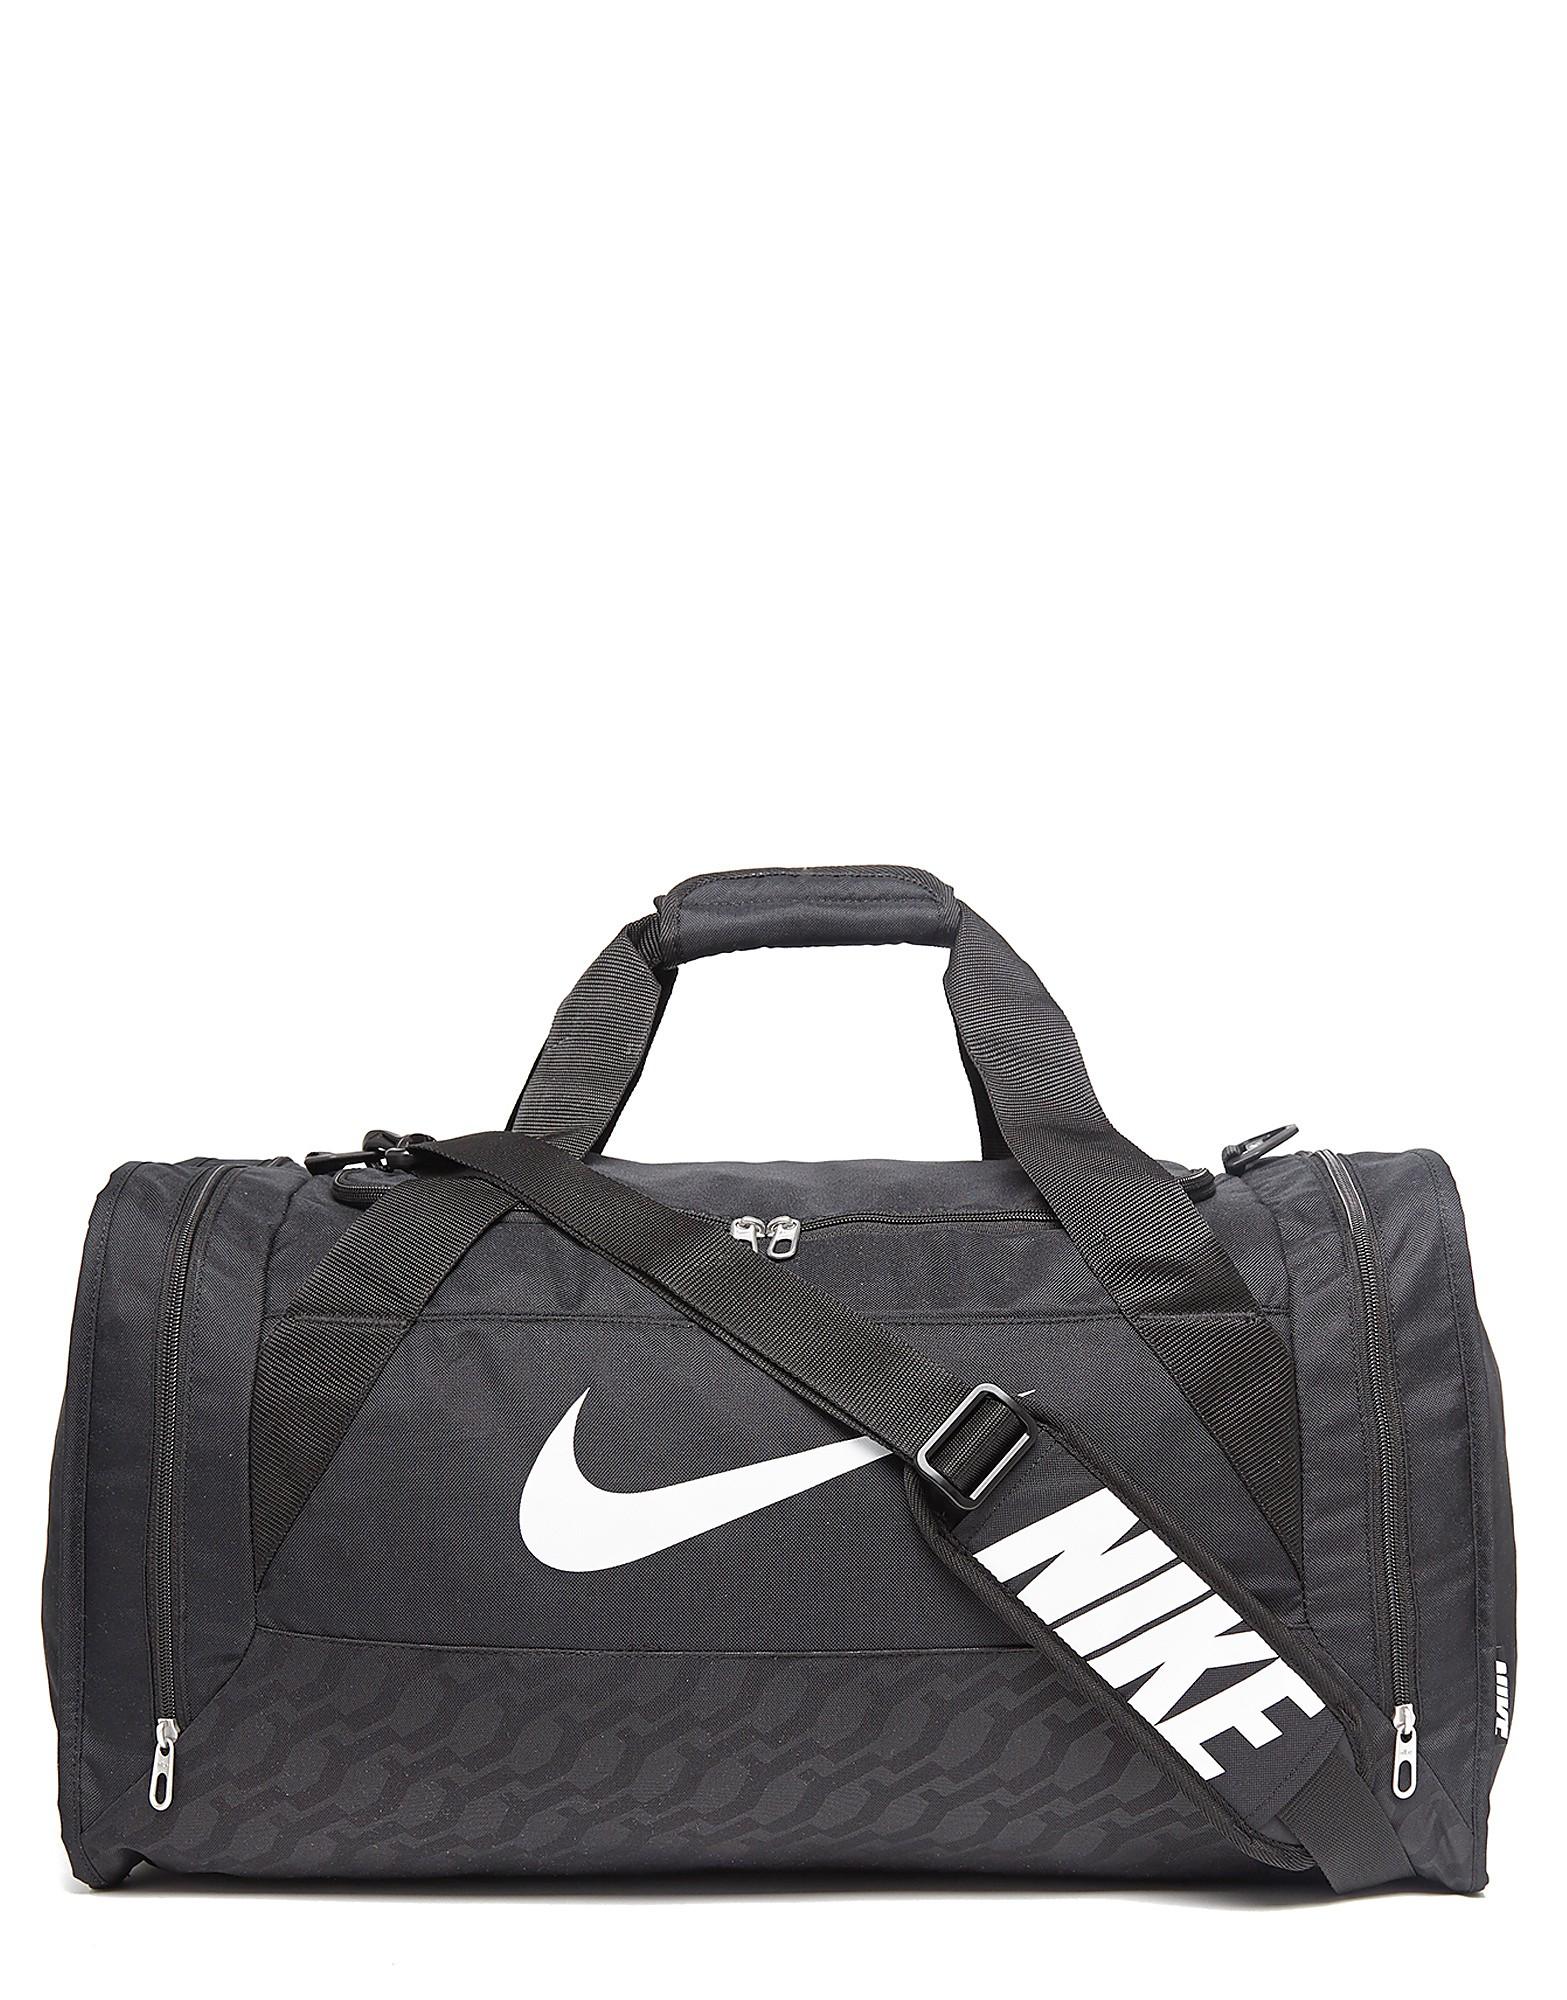 Nike Brasilia 6 Medium Duffel Bag - Black - Mens, Black